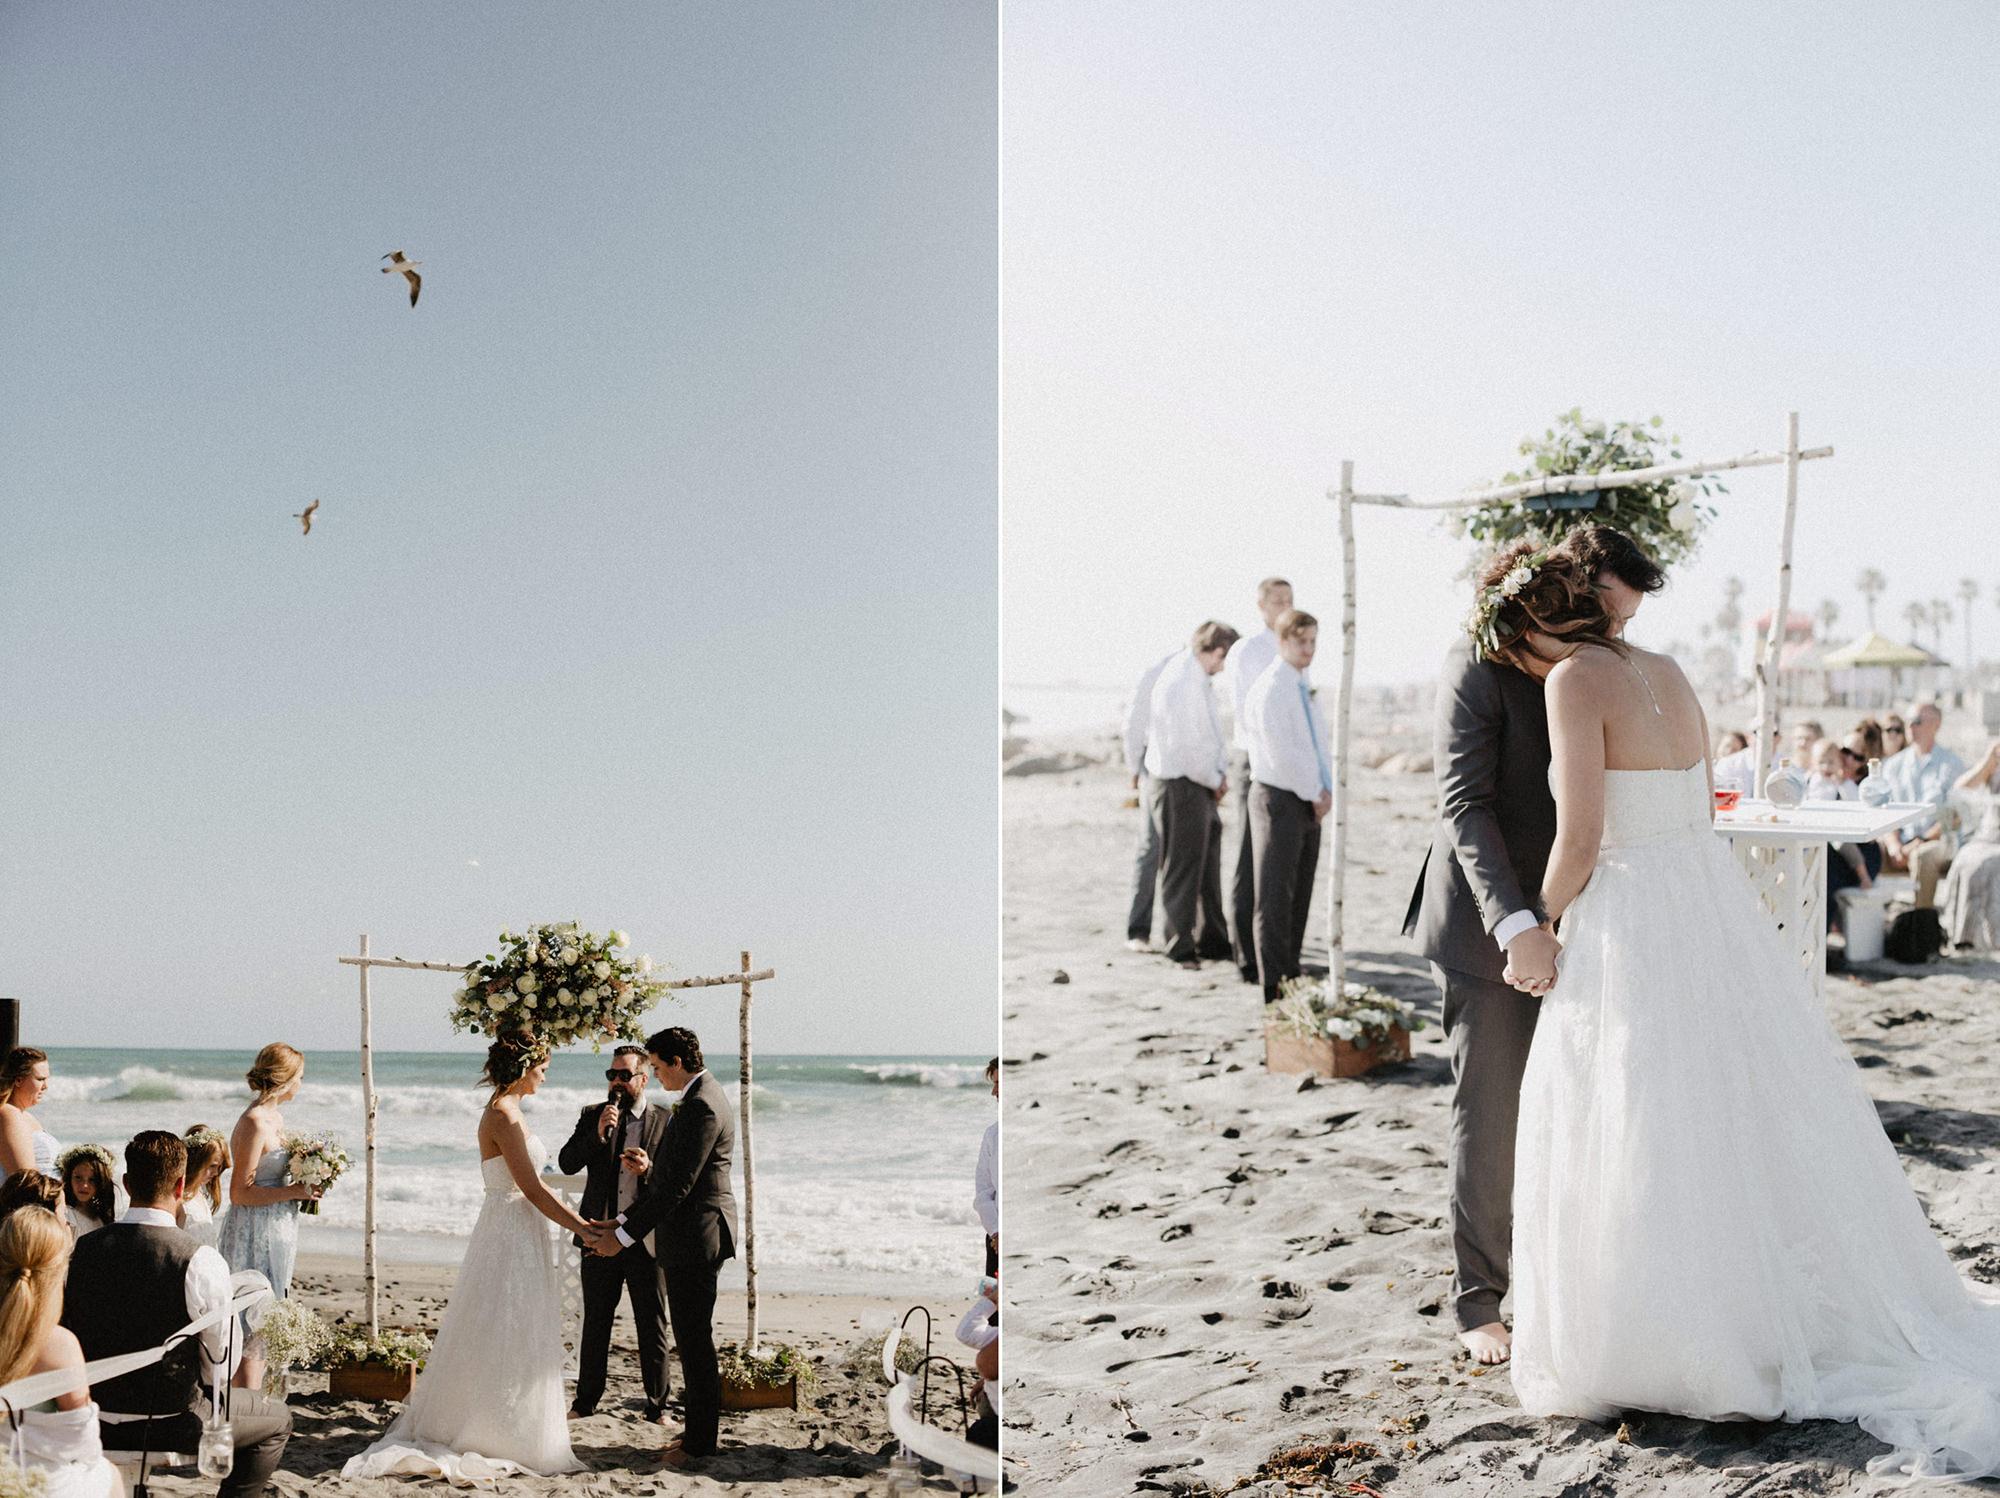 oceanside_airbnb_wedding-31.jpg